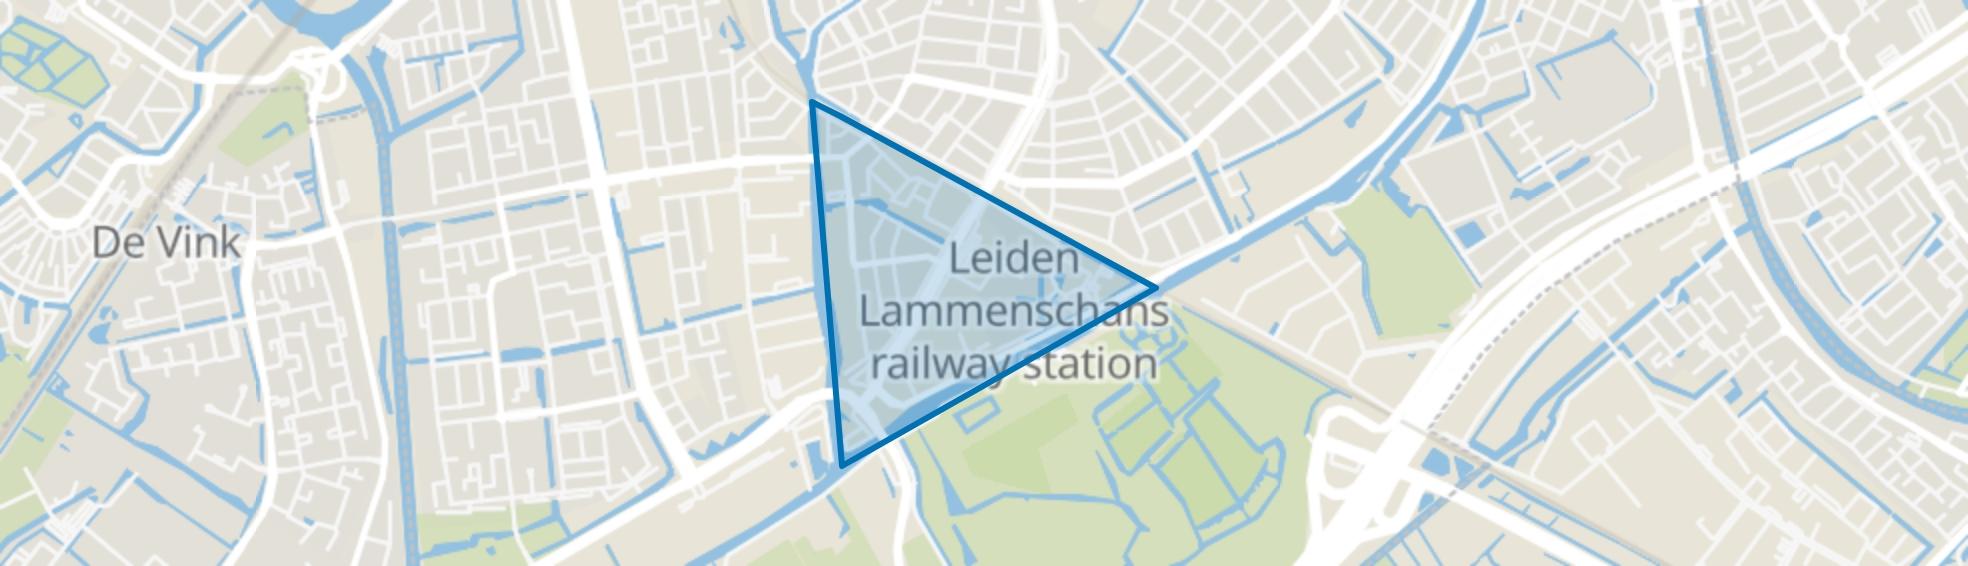 Cronestein, Leiden map